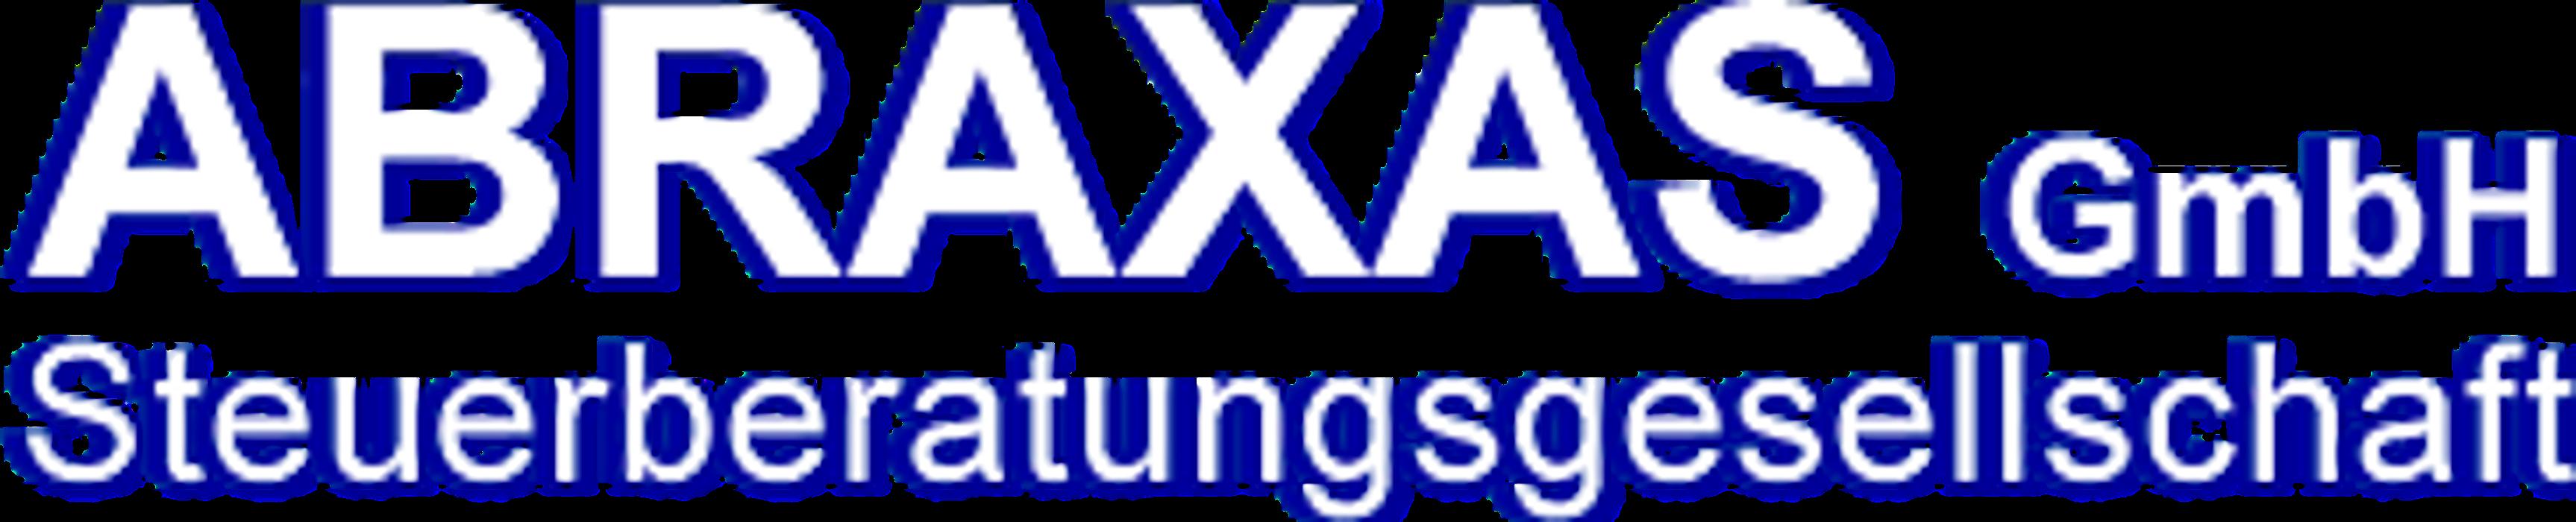 Bild zu Abraxas GmbH Steuerberatungsgesellschaft in Bremen